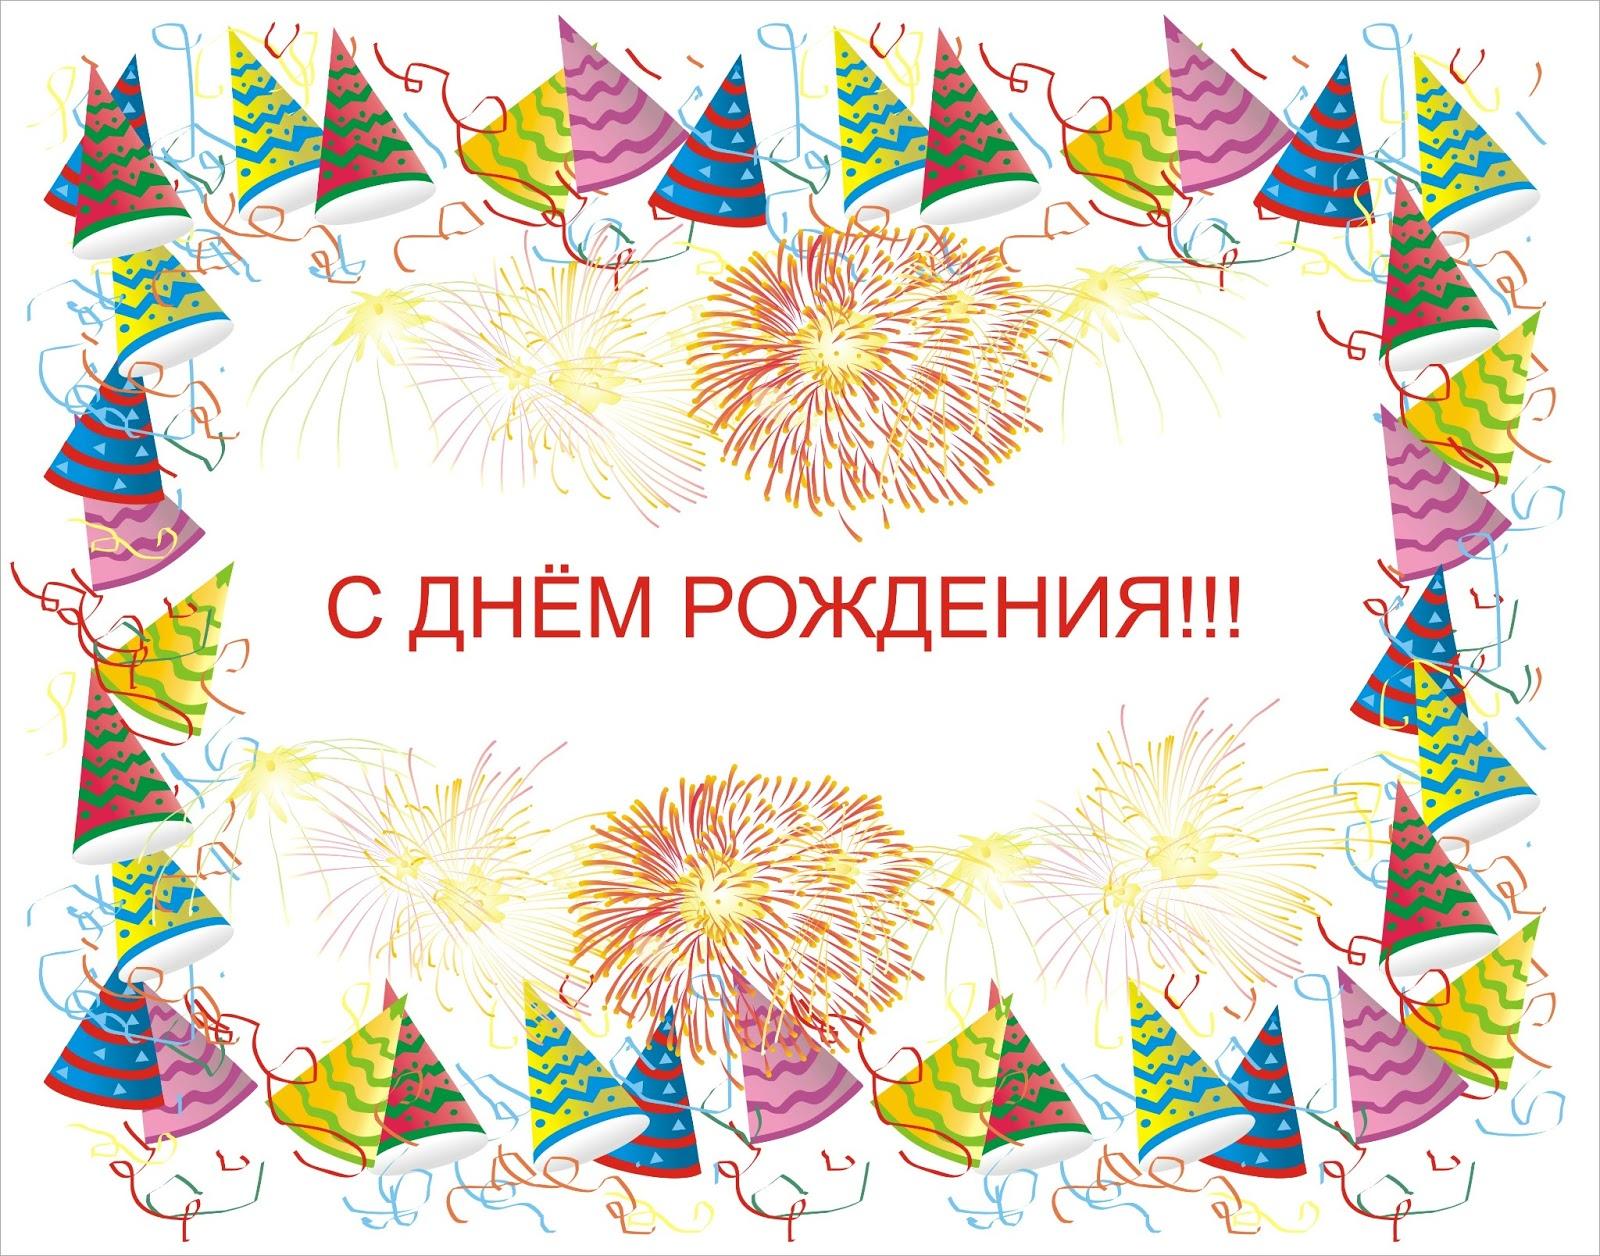 Для дорогого, поздравления с днем рождения коллегу мужчину в картинках